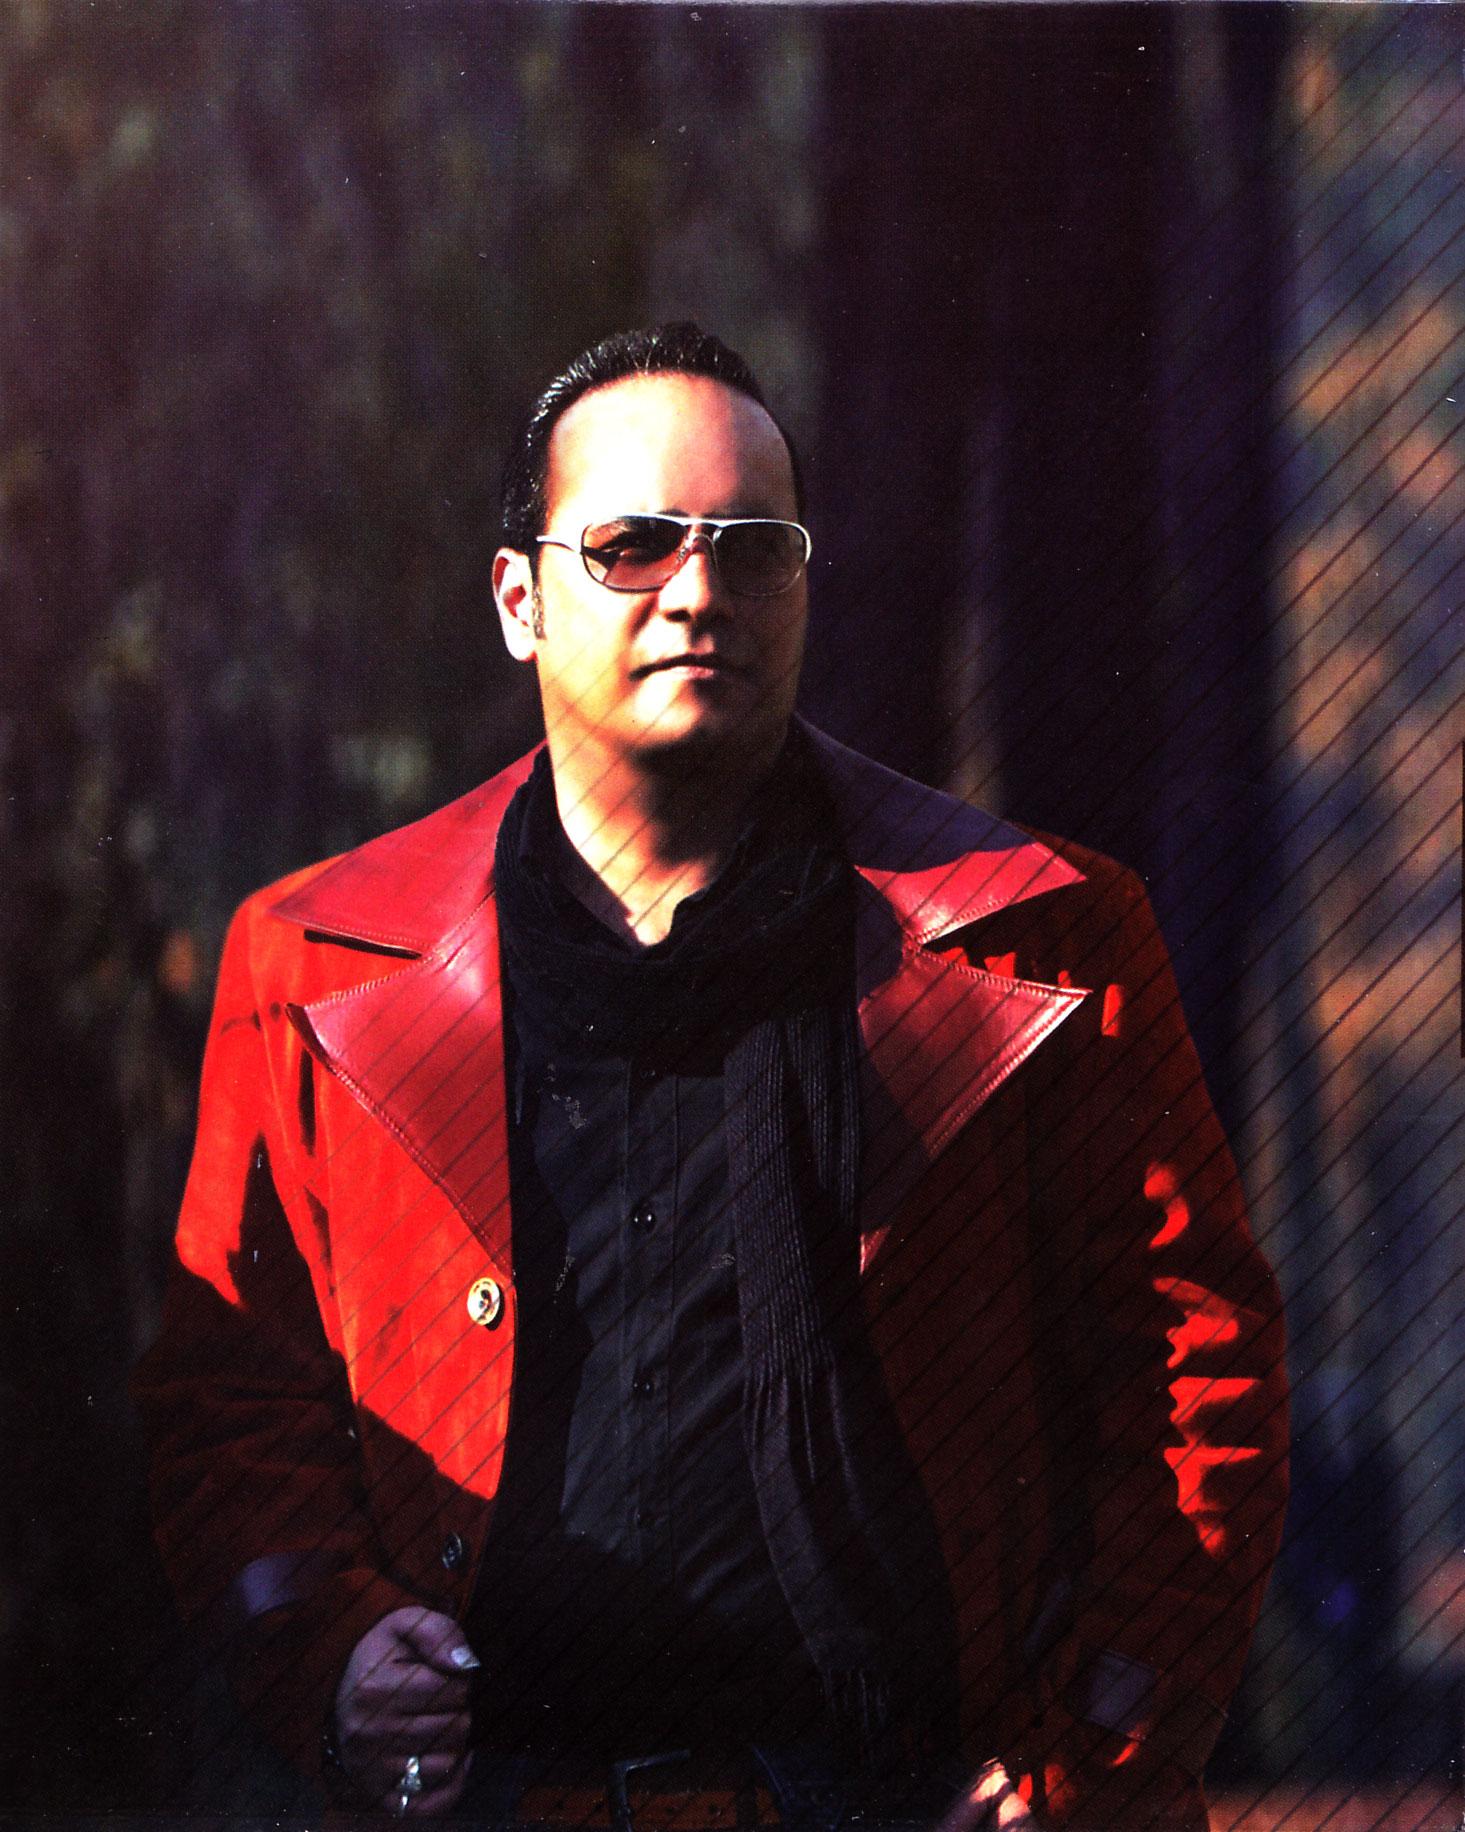 Shahram%20Shokohi%2002 دانلود آلبوم جدید شهرام شکوهی به نام کولی عشق